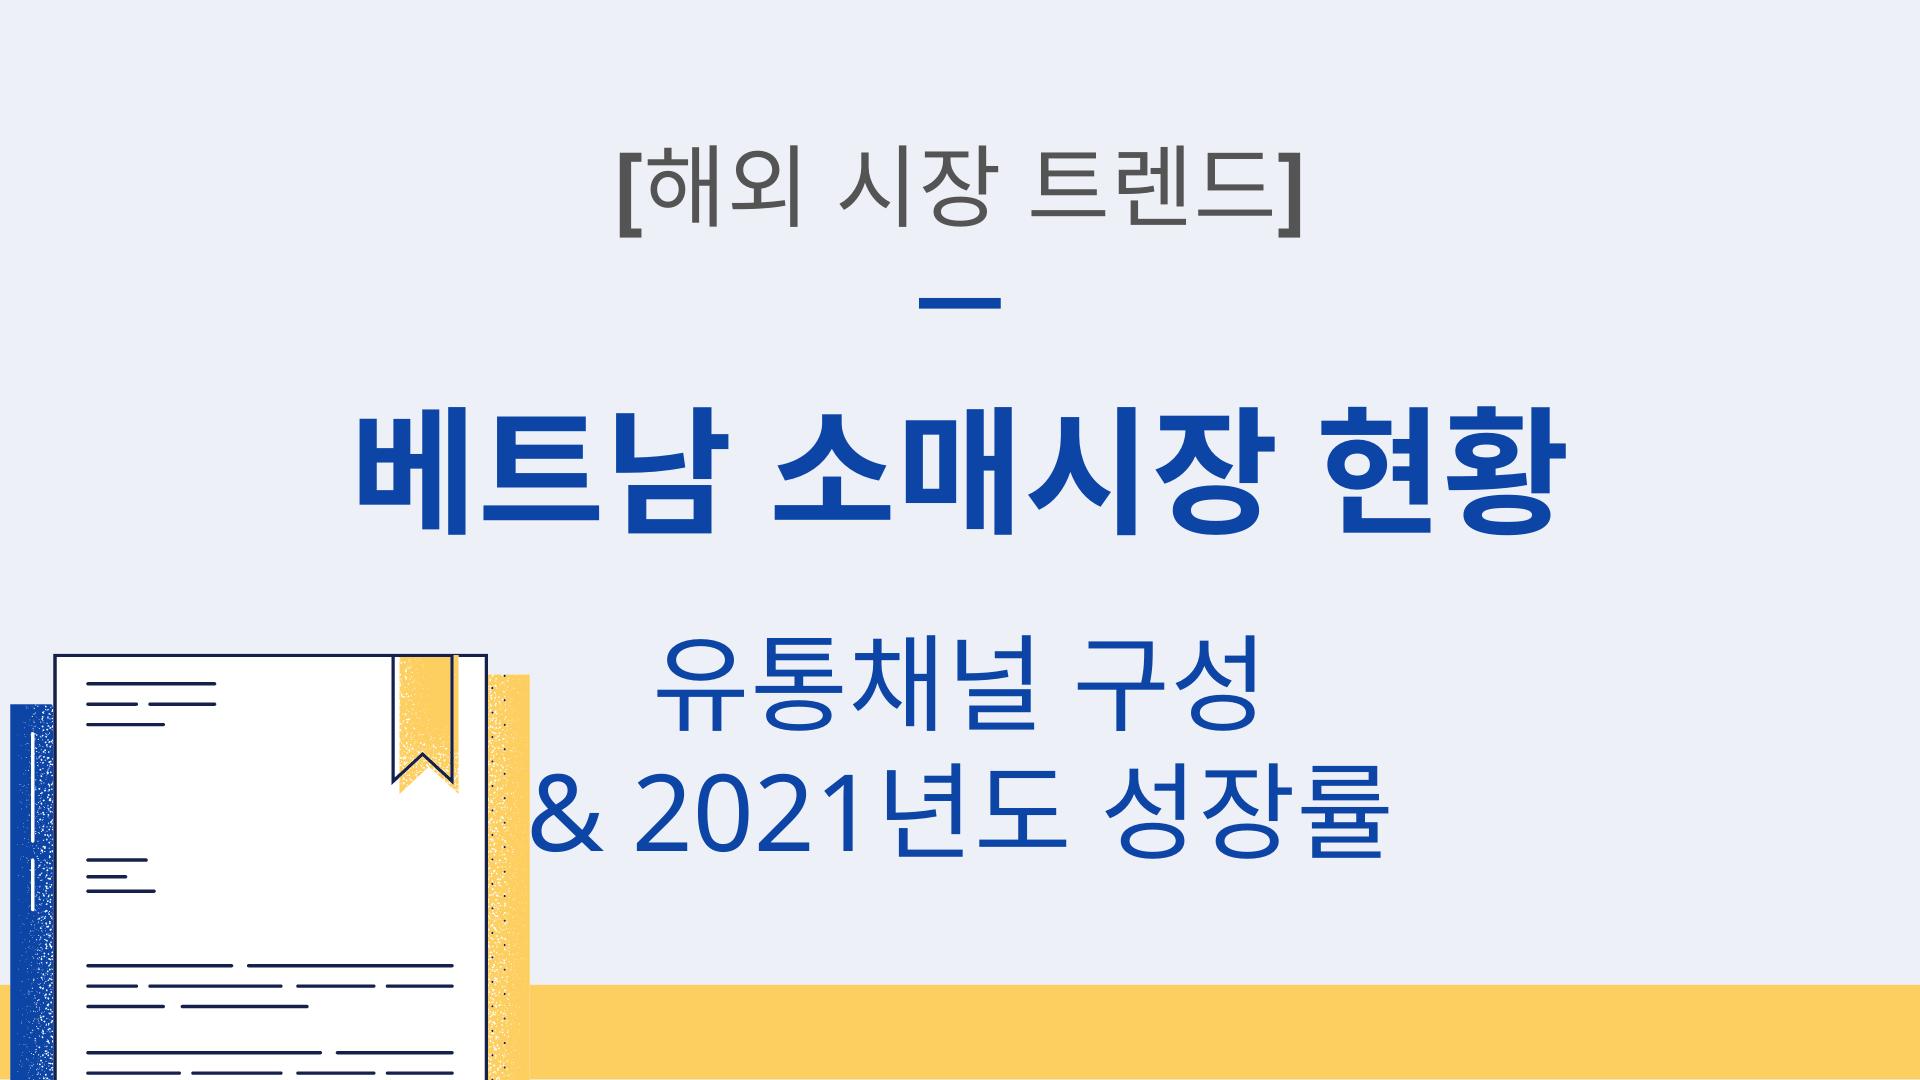 베트남 소매시장 현황 (유통채널 구성과 21년도 성장률)